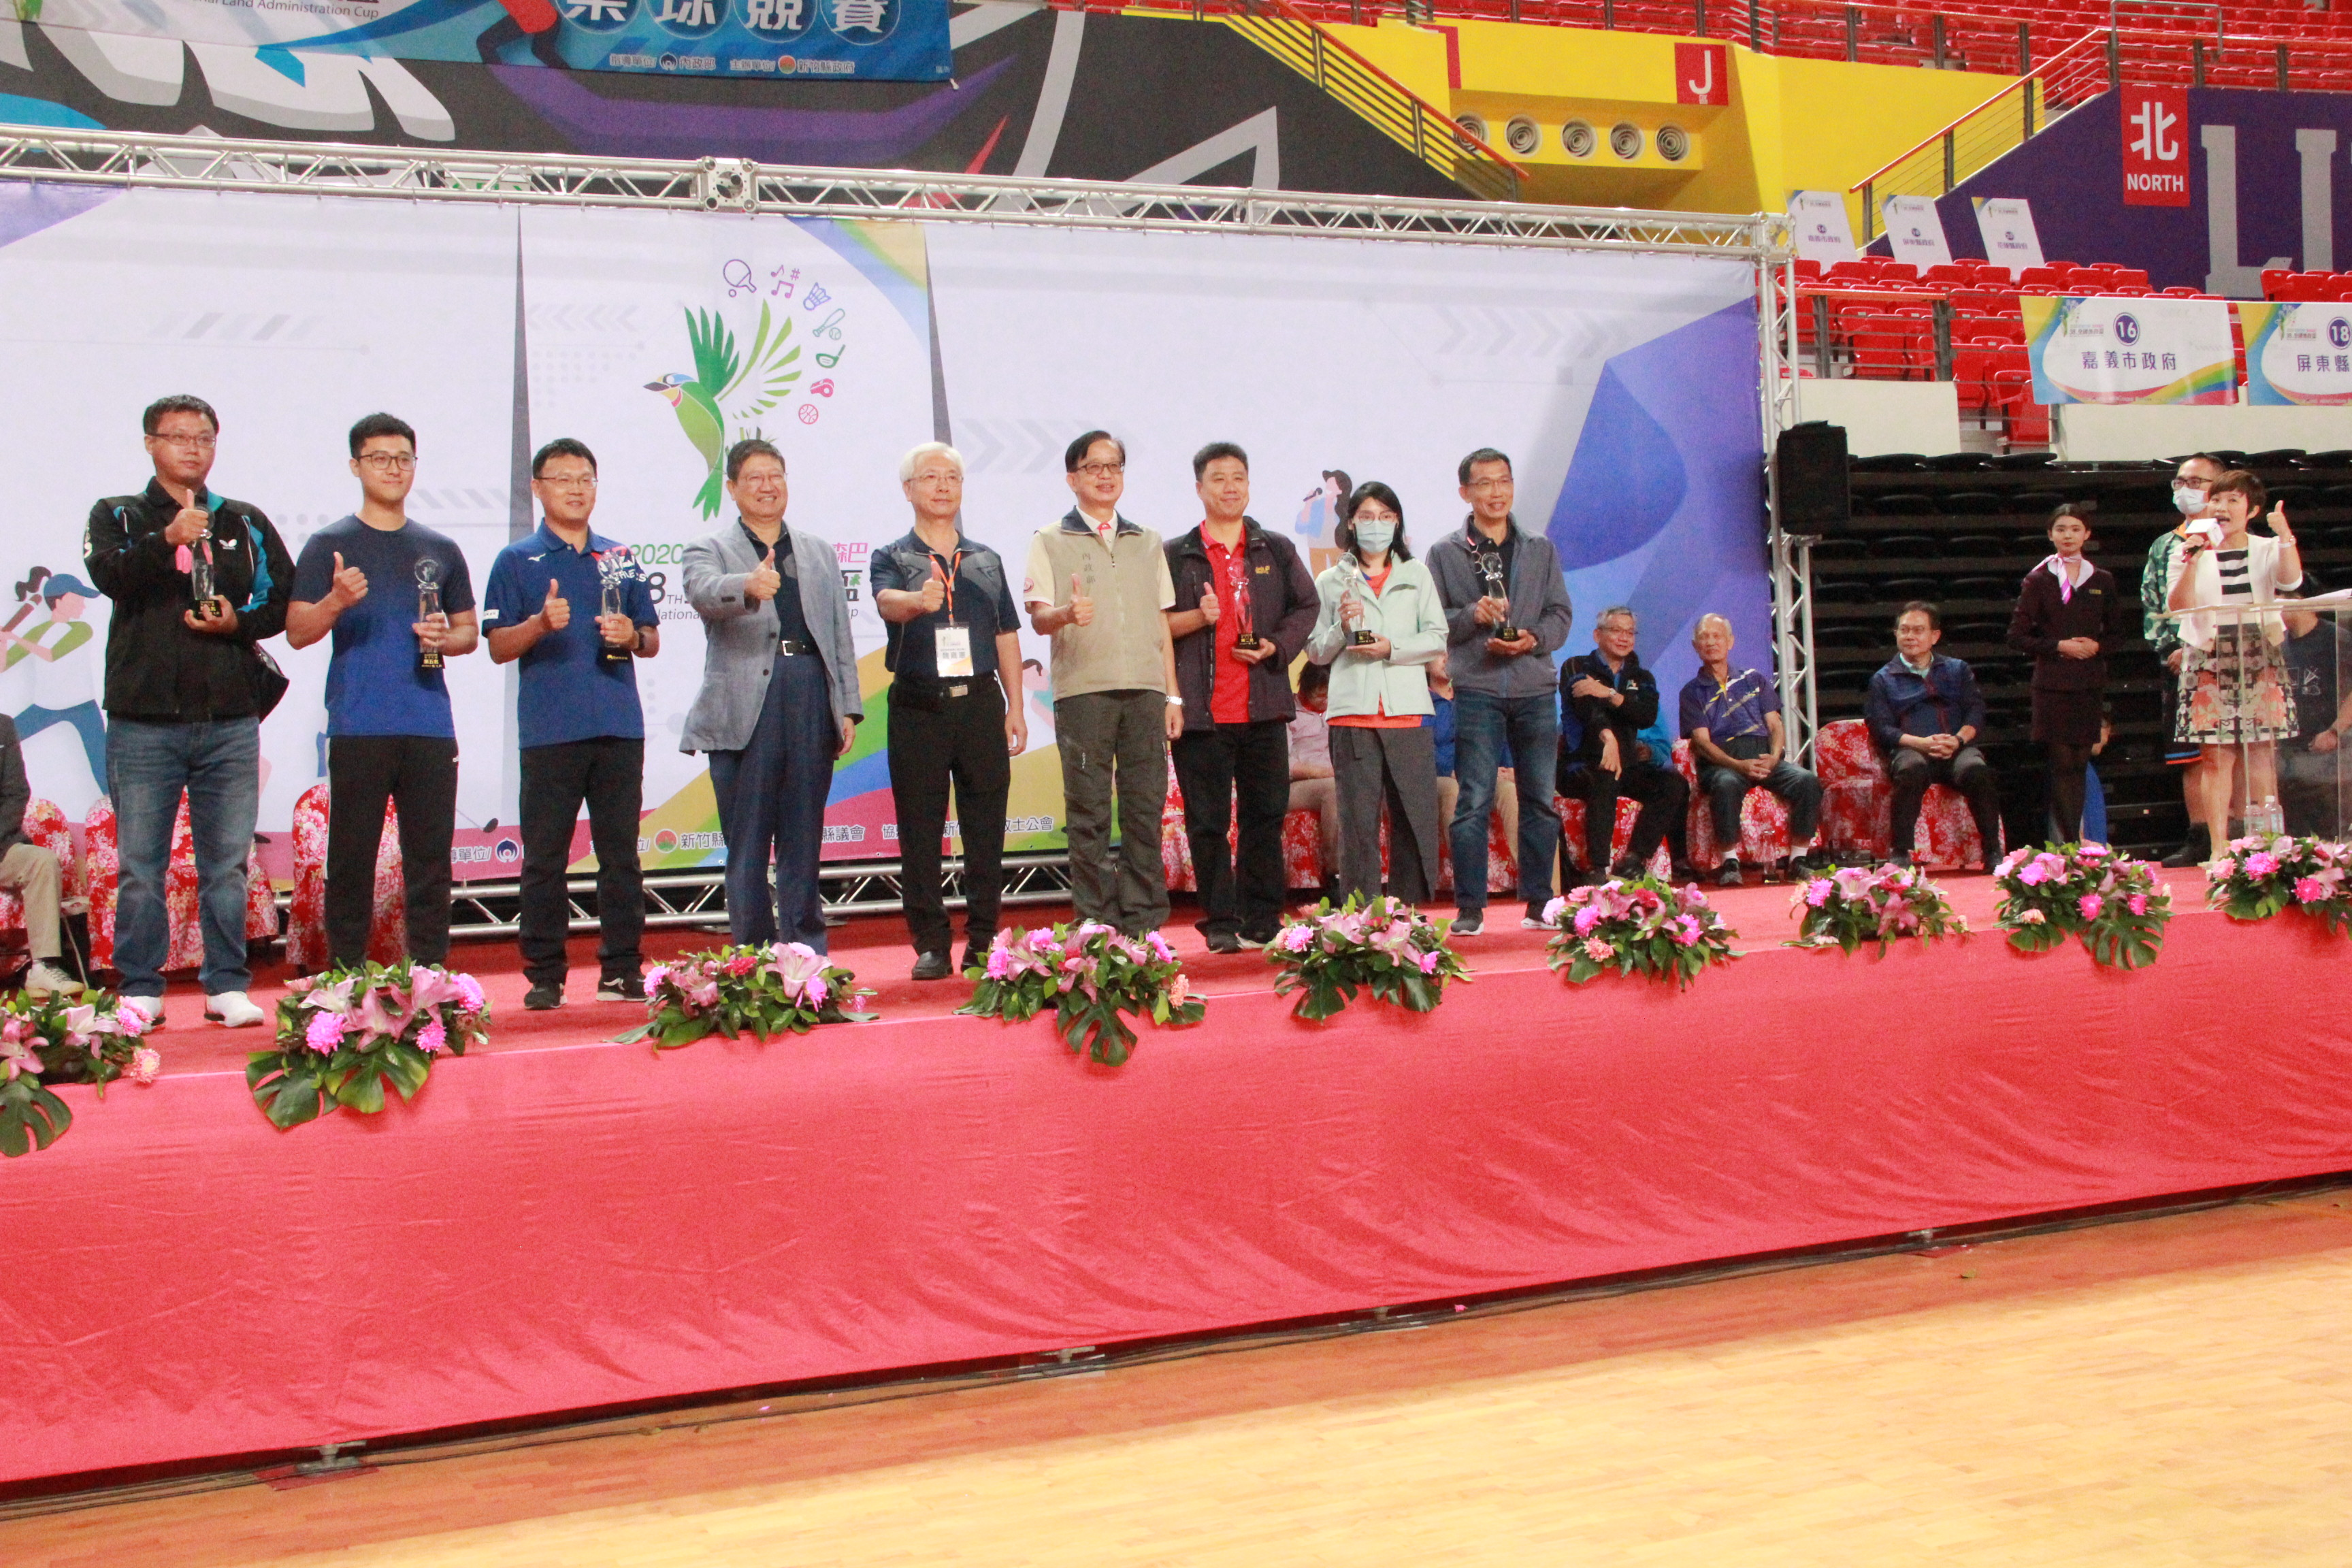 大會主席(左4)、內政部邱次長(左6)、新竹縣政府地政處魏處長嘉憲(左5)與領獎人合照